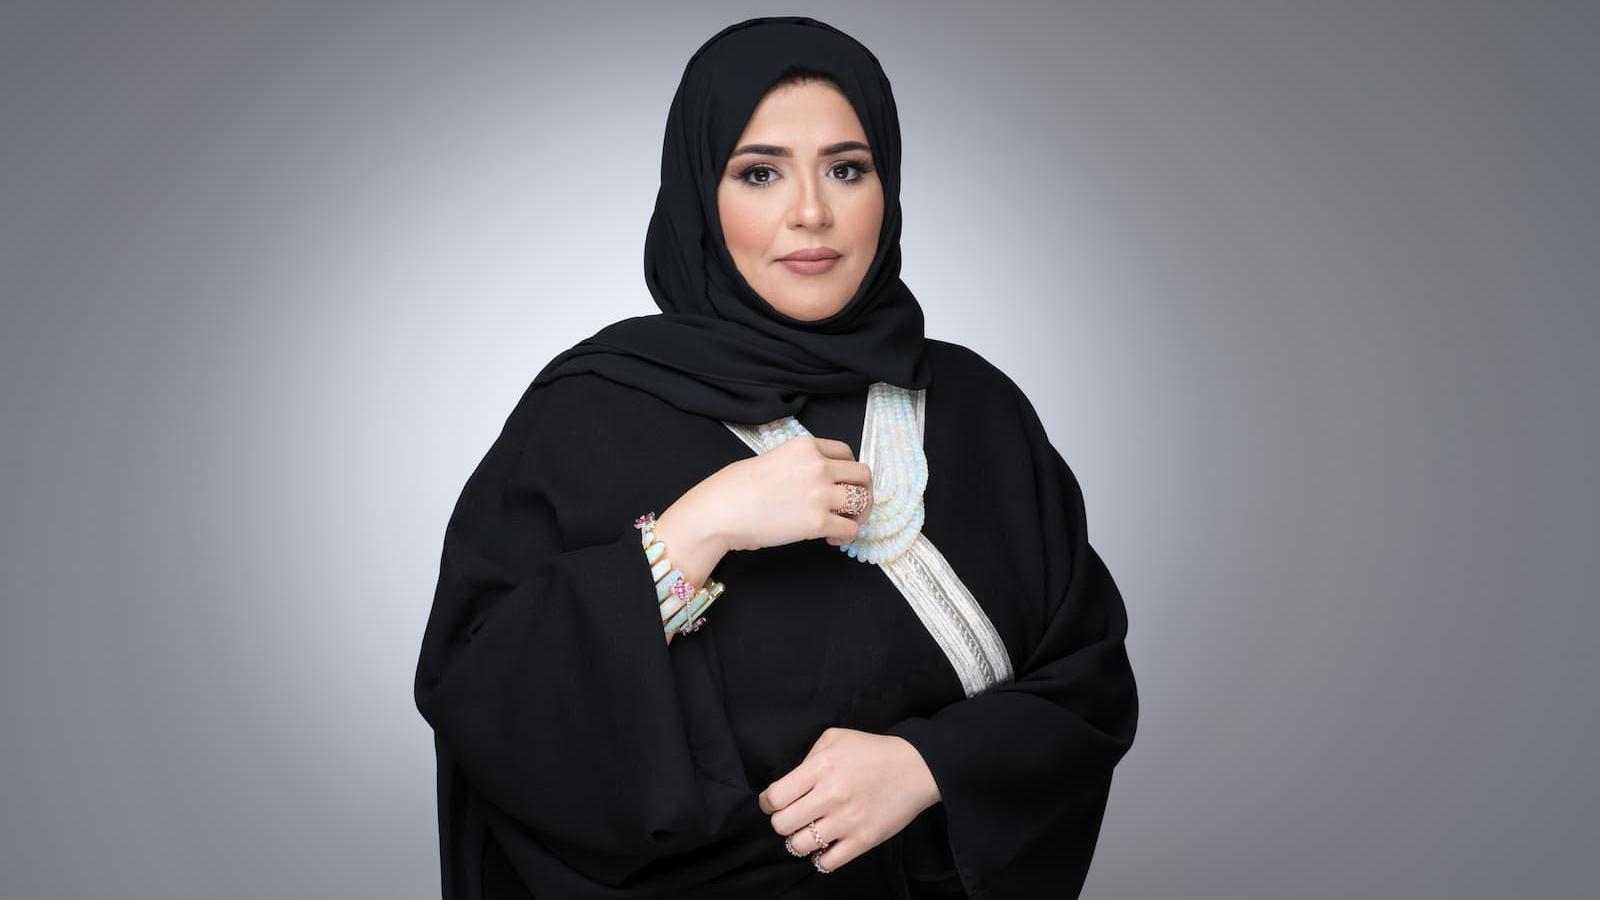 QL Exclusive: An interview with the Qatari jewelry designer, Nada Al Sulaiti